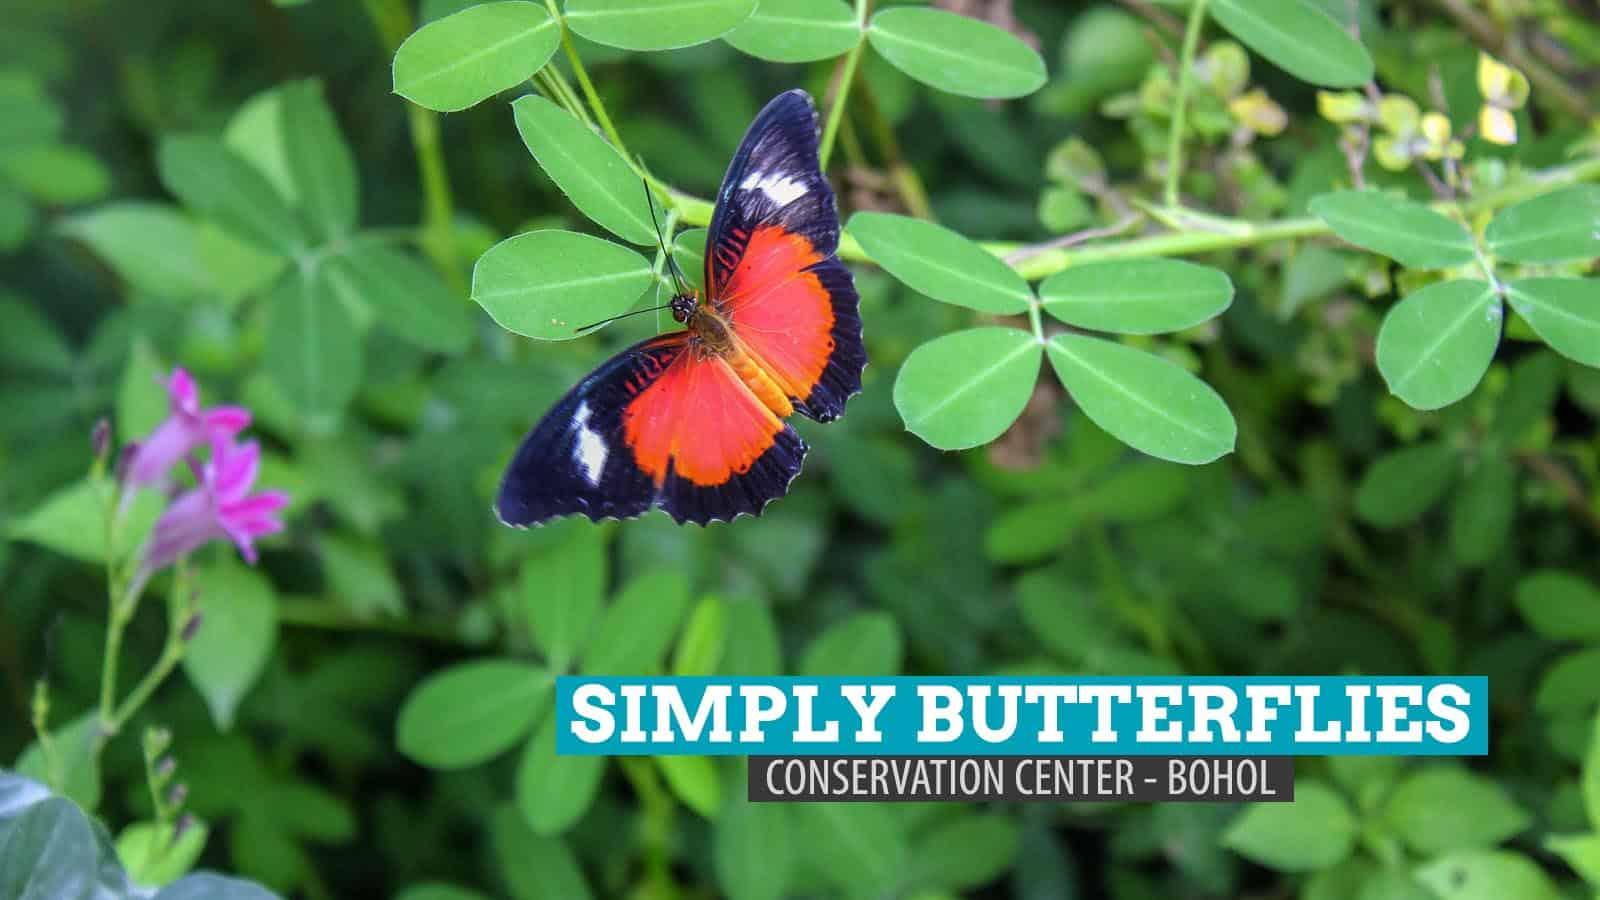 Bohol Butterflies